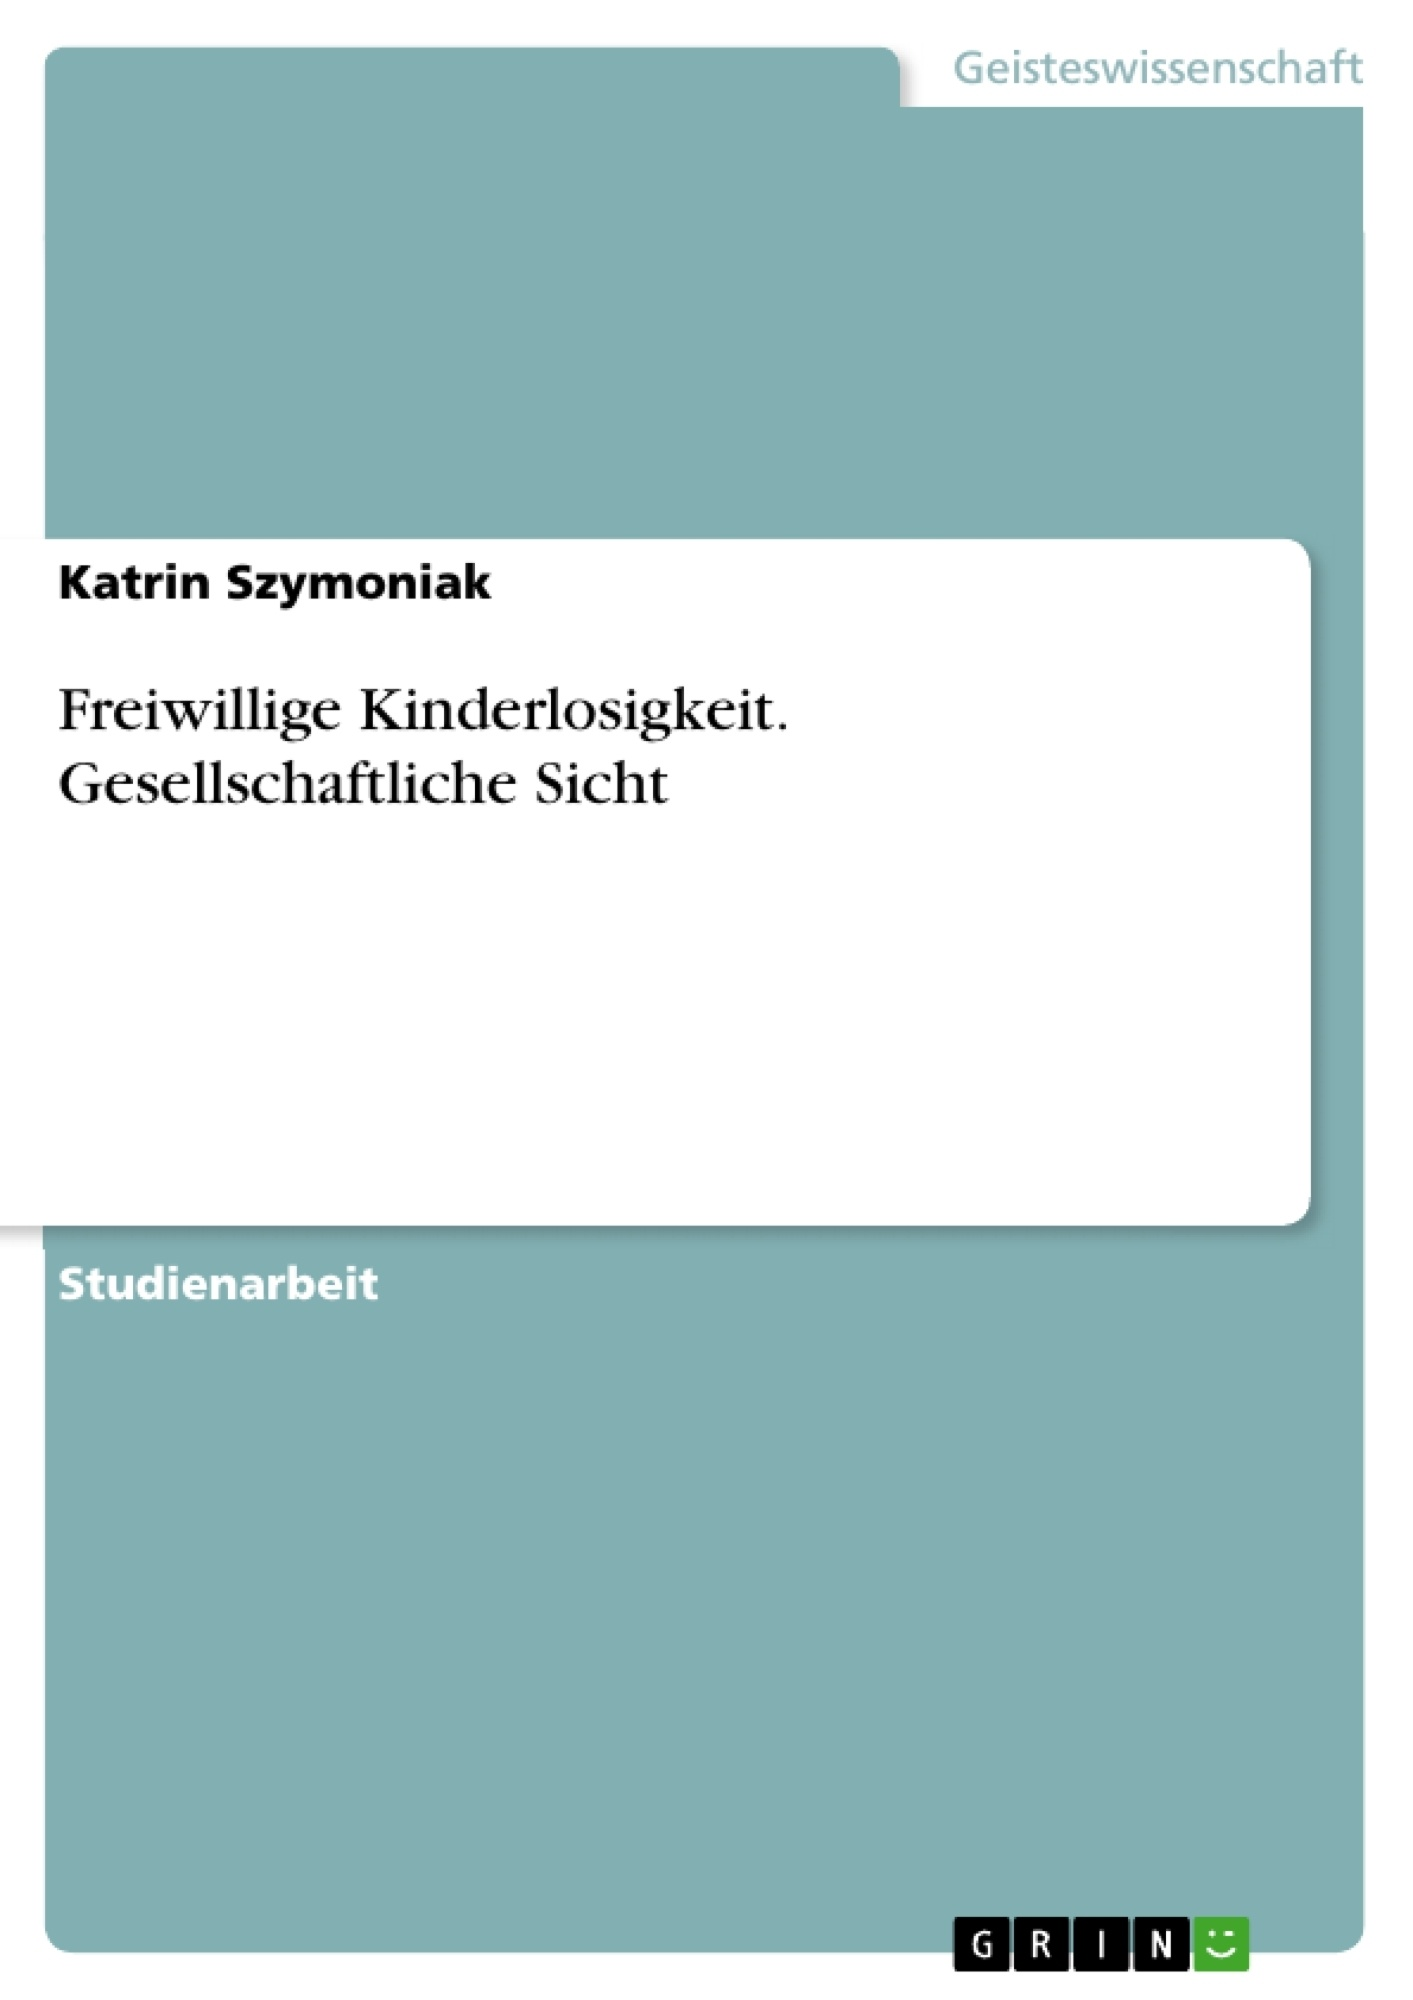 Titel: Freiwillige Kinderlosigkeit. Gesellschaftliche Sicht